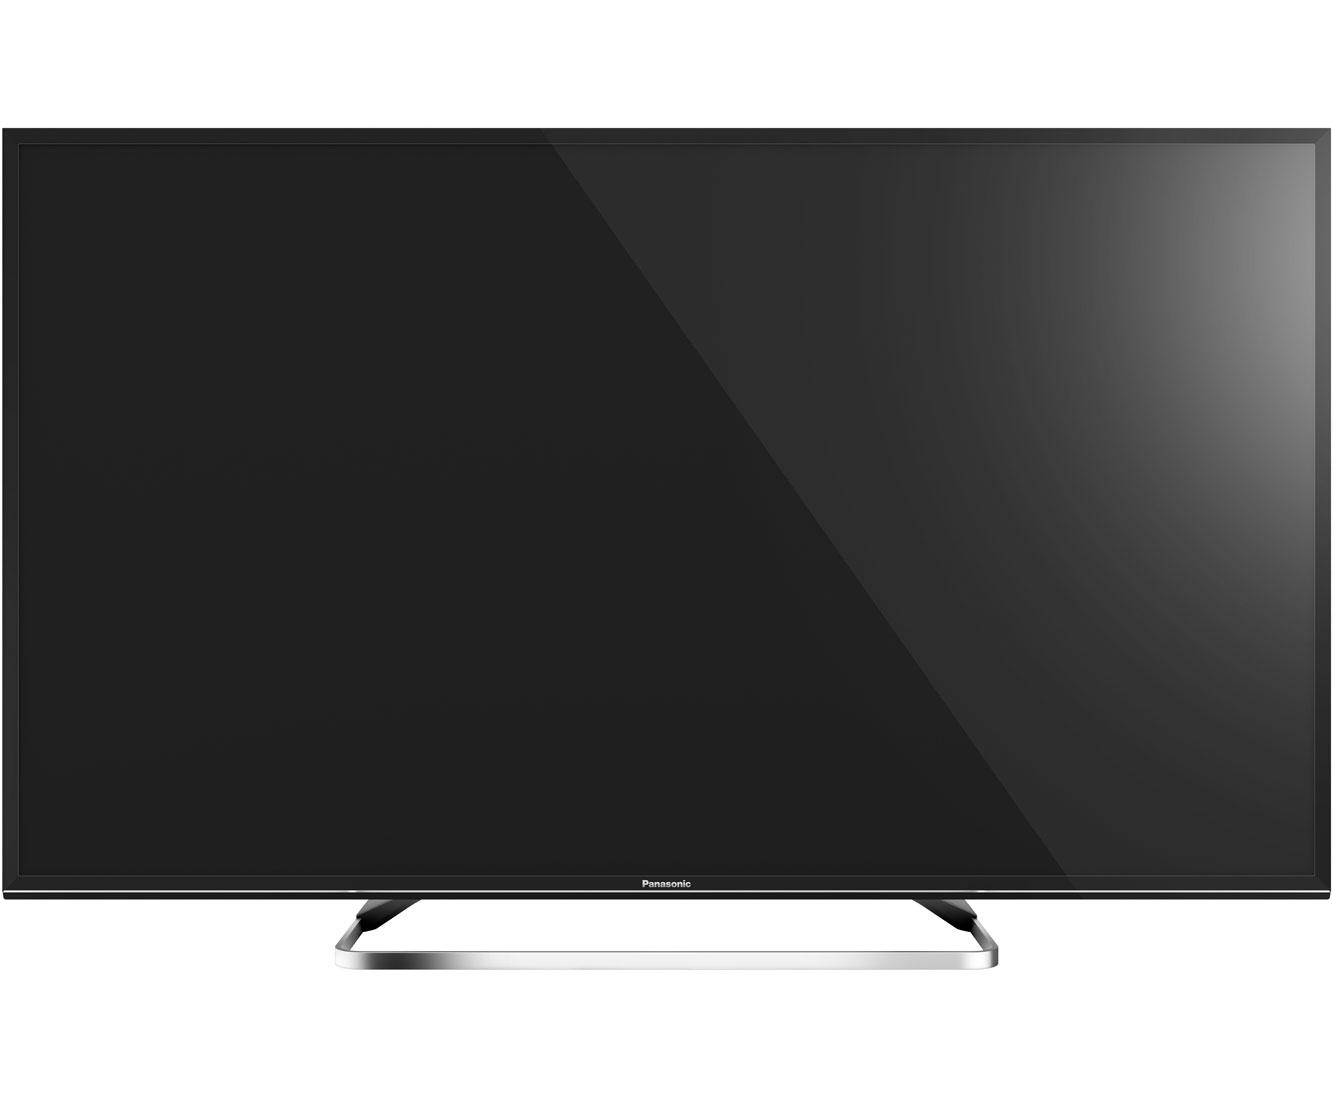 Panasonic TX-49FSW504 Fernseher - Schwarz